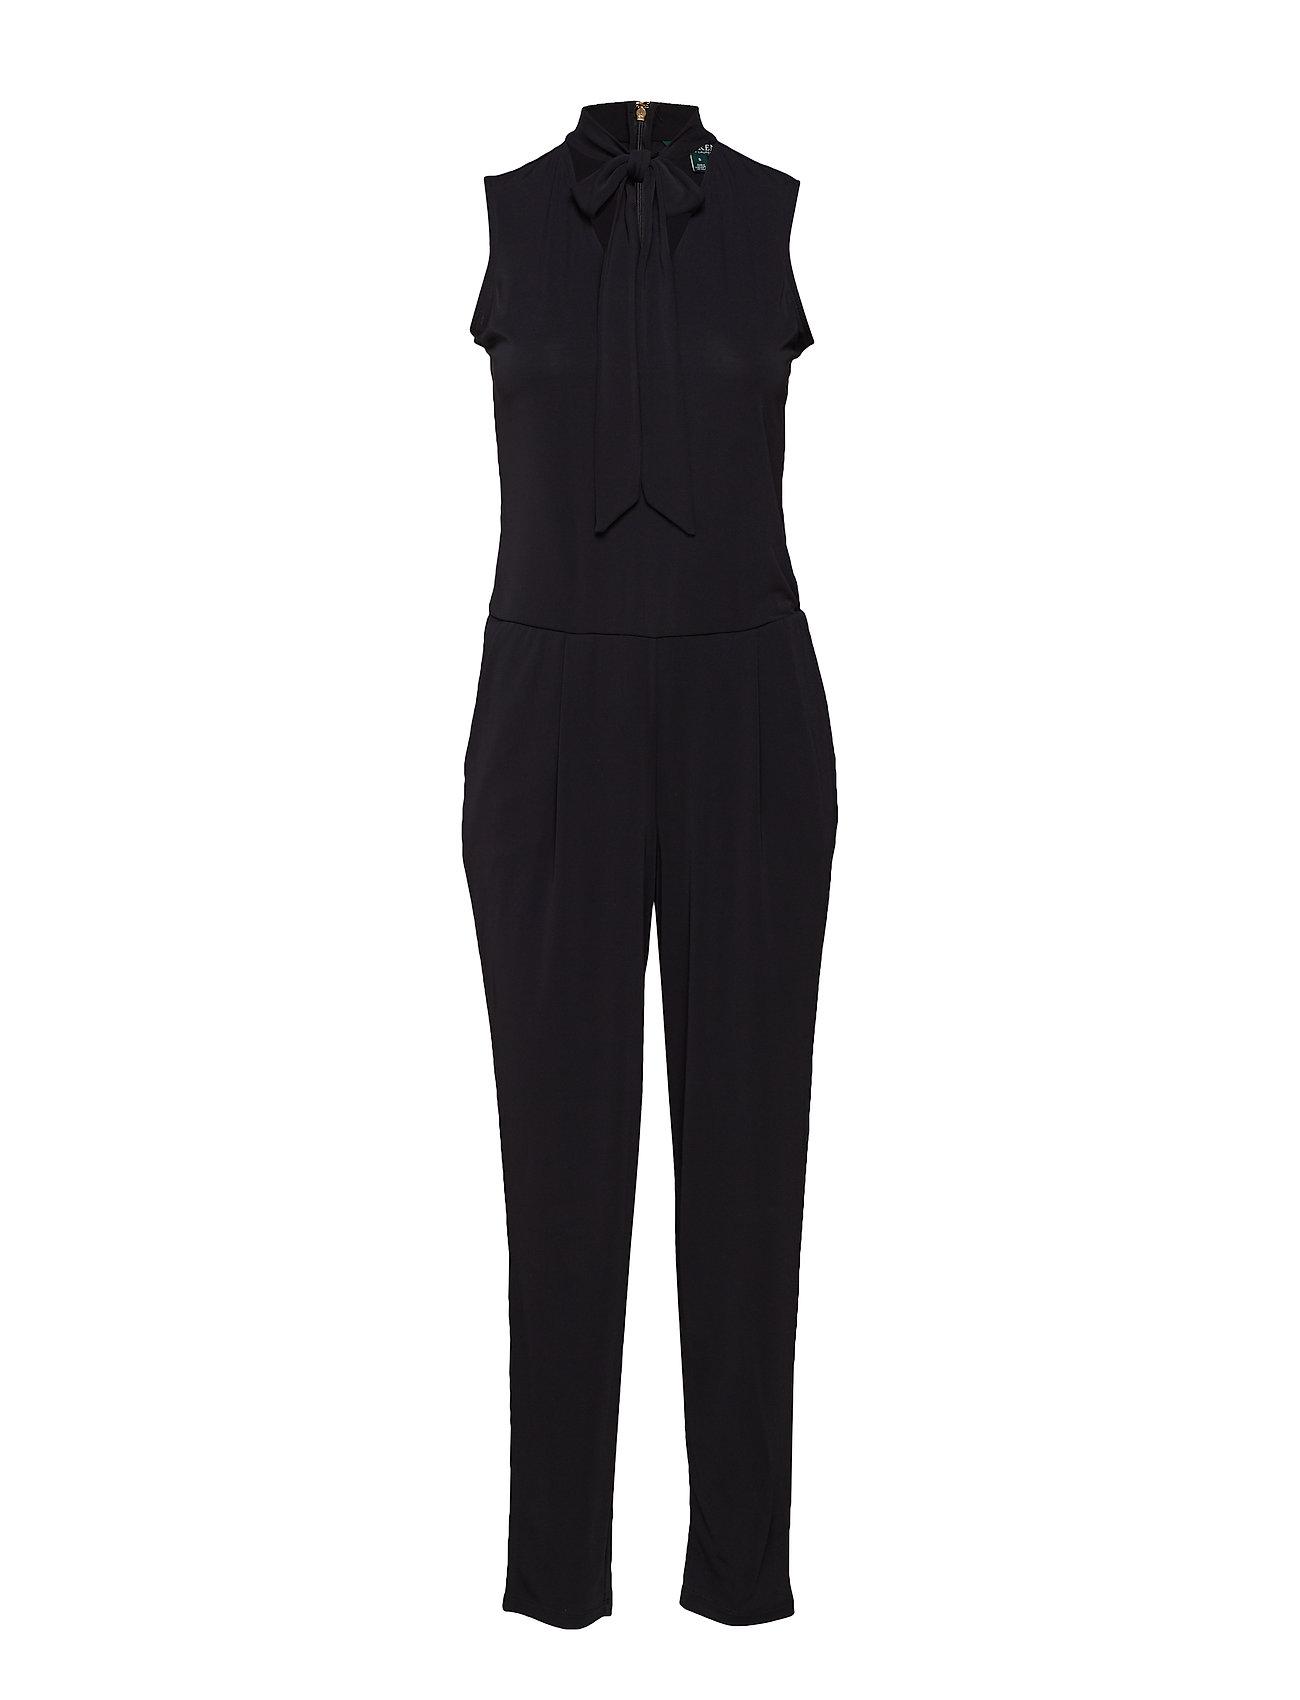 bd408ccc424 Tie-neck Jersey Jumpsuit (Polo Black) (£107.25) - Lauren Ralph ...